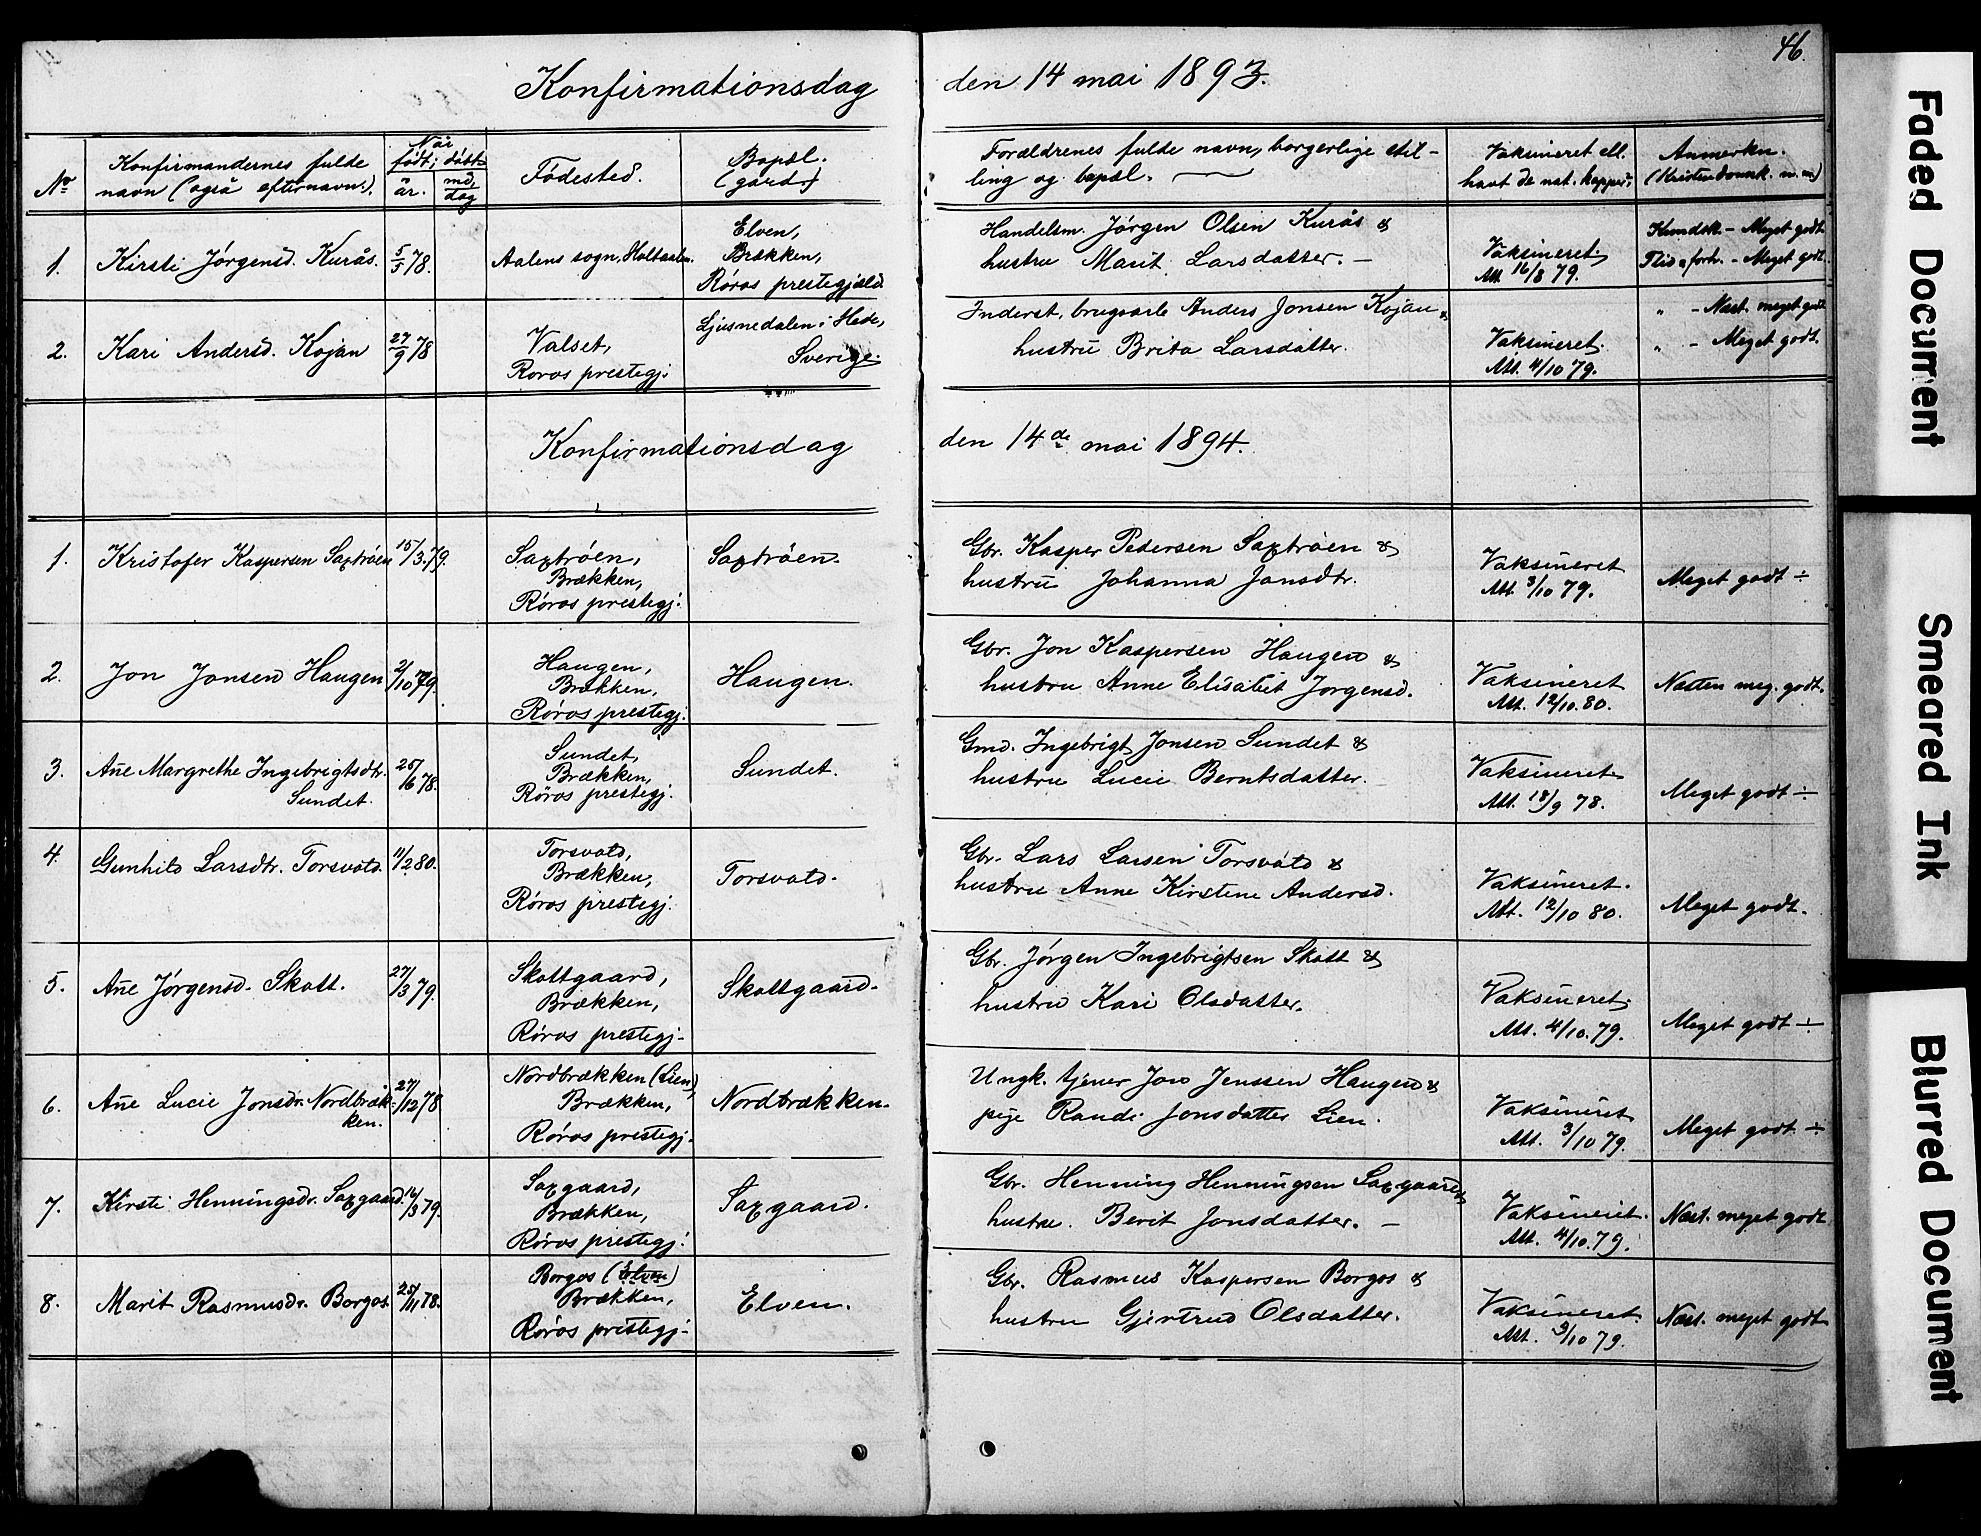 SAT, Ministerialprotokoller, klokkerbøker og fødselsregistre - Sør-Trøndelag, 683/L0949: Klokkerbok nr. 683C01, 1880-1896, s. 46